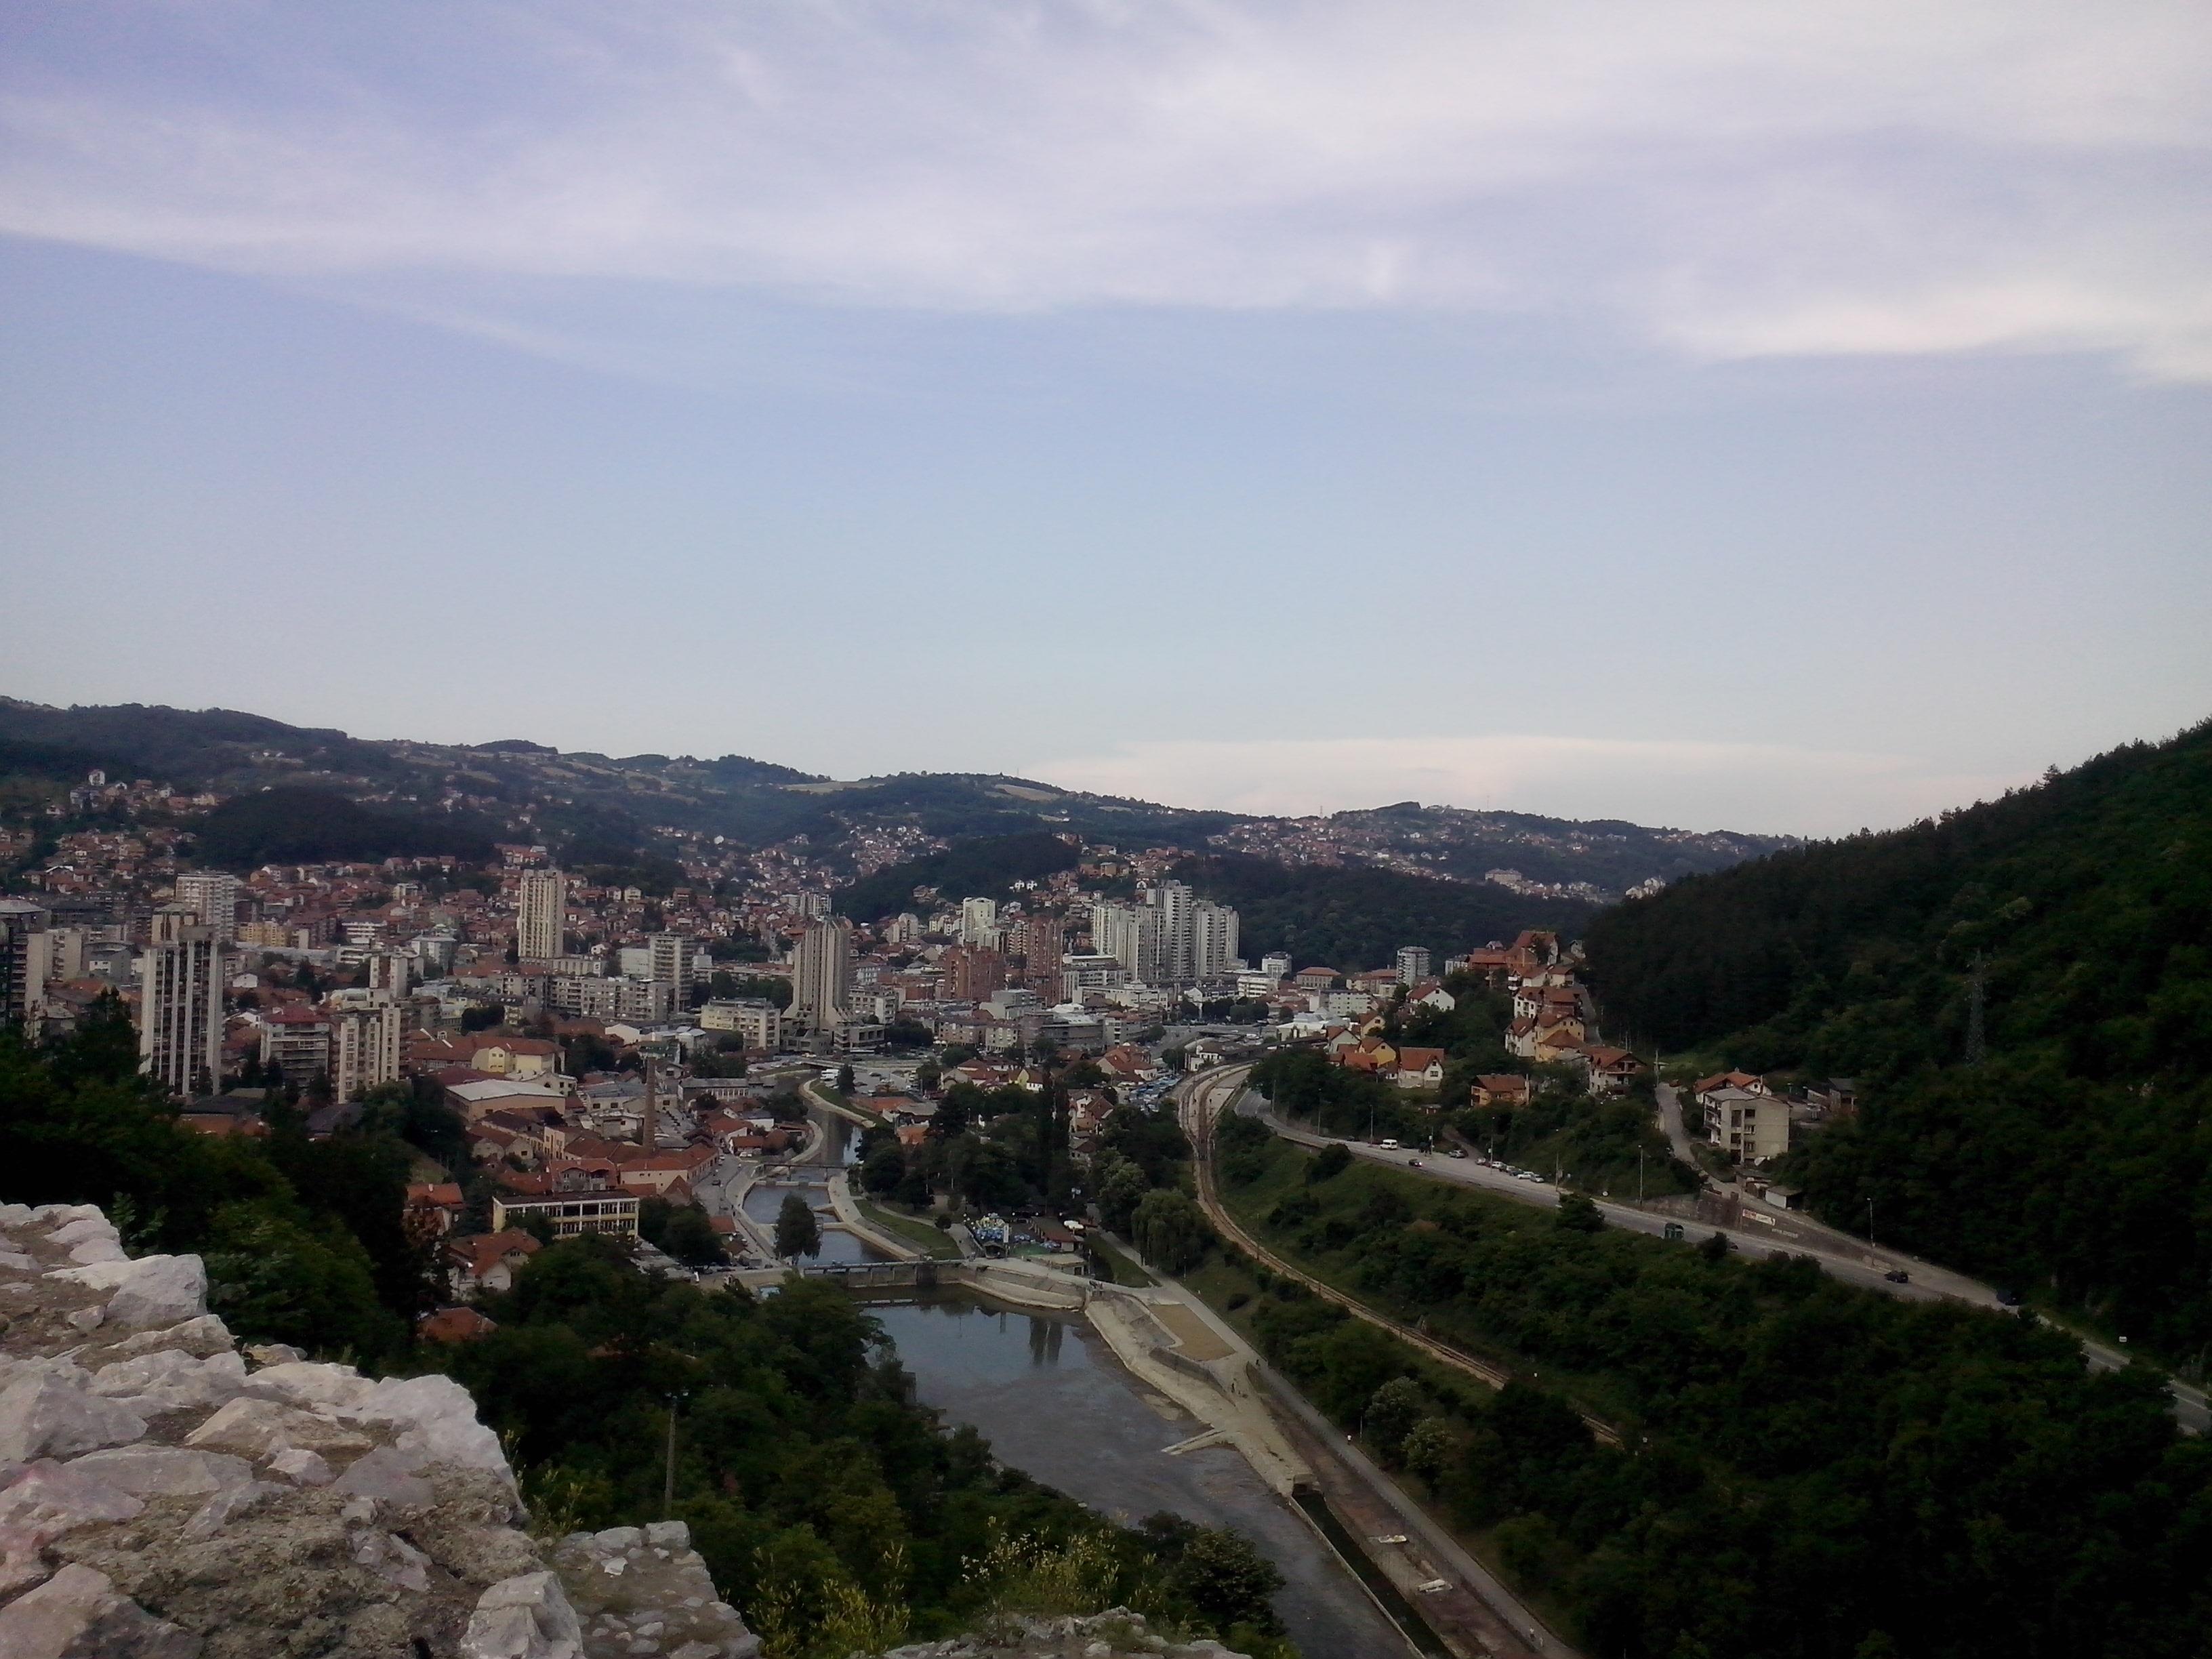 #KaravanMojaSrbija: Užice – Slobodna teritorija prgavih i šaljivih domaćina